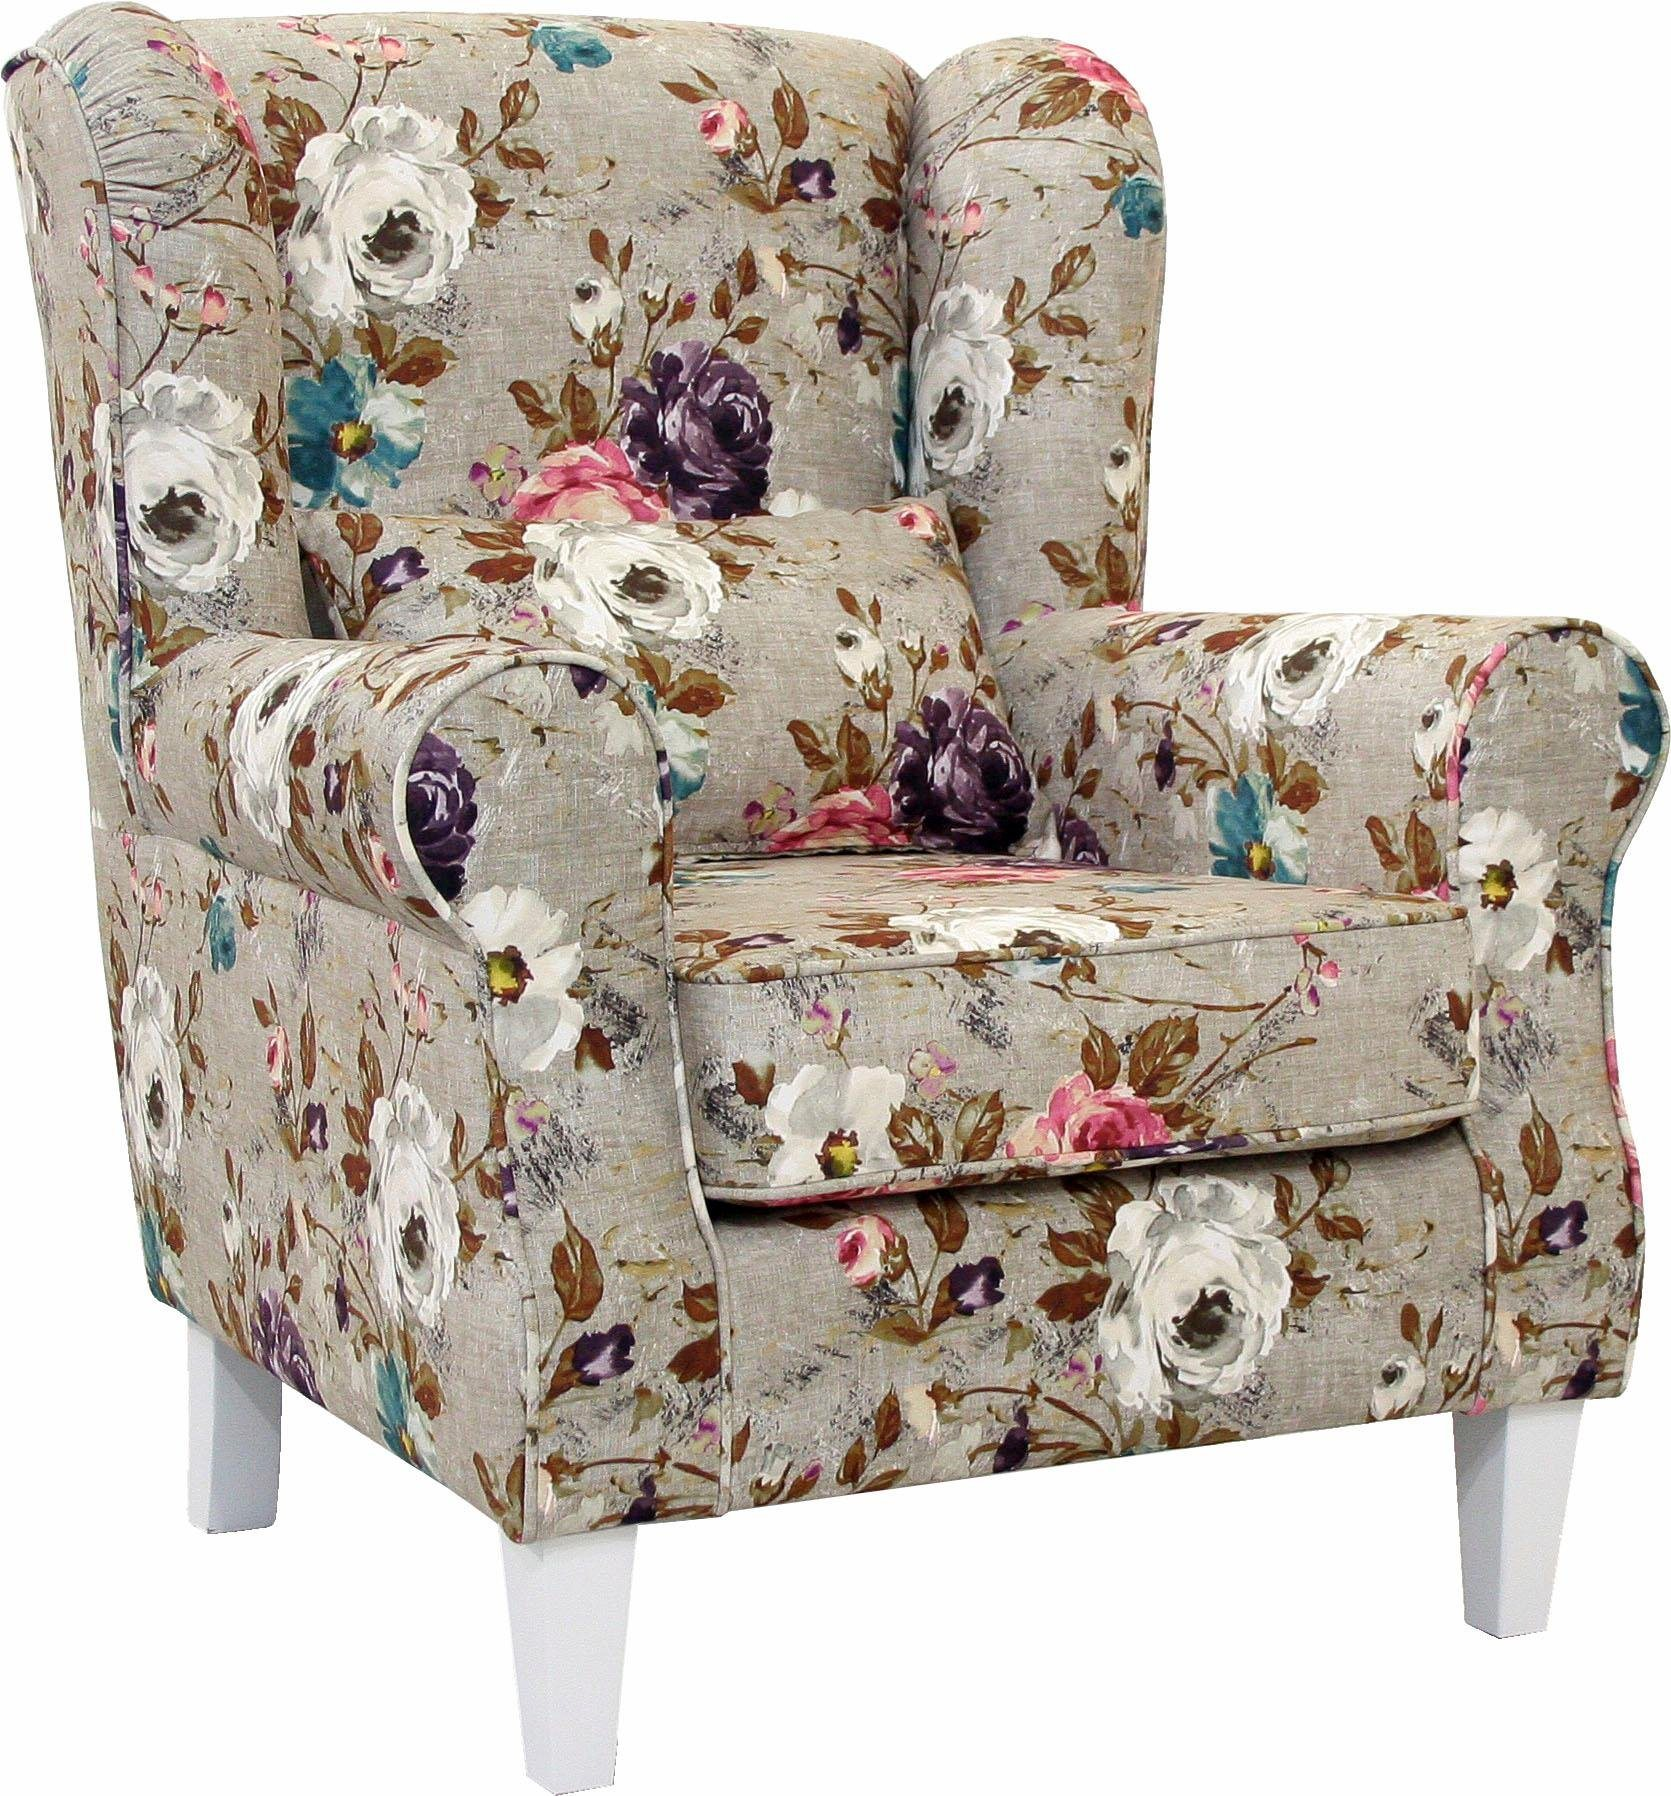 Home affaire Ohren-Sessel »Angela Plus« mit Kedernaht, Zierkissen und Holzfüßen, in 3 Farben | Wohnzimmer > Sessel > Ohrensessel | Velours | Home affaire